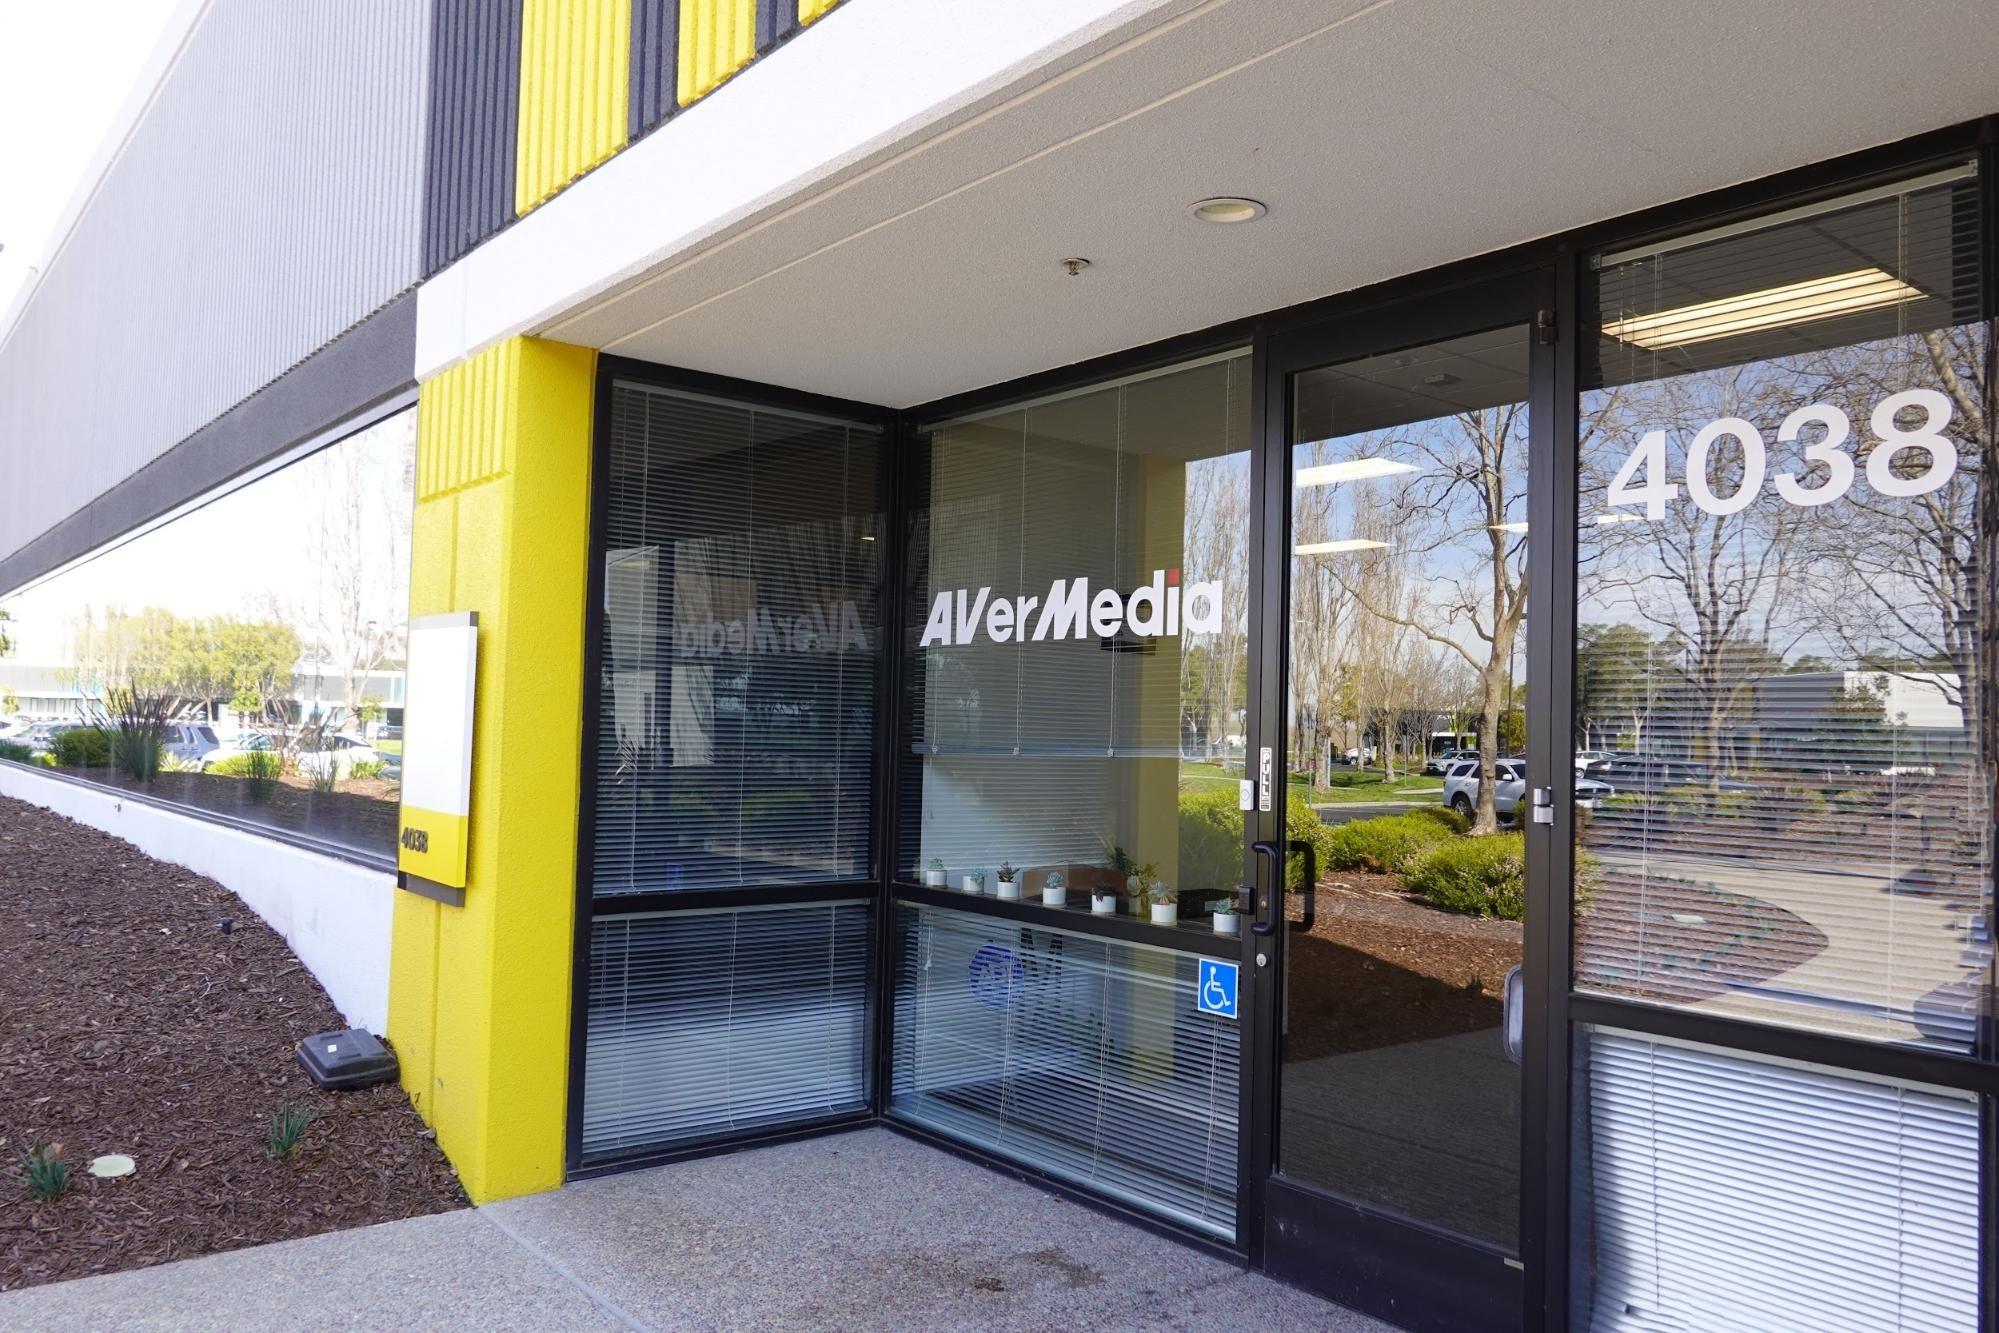 照片中提到了4038、COyeVA AVerMedia、4038,包含了玻璃、正面、共管公寓、玻璃、屋